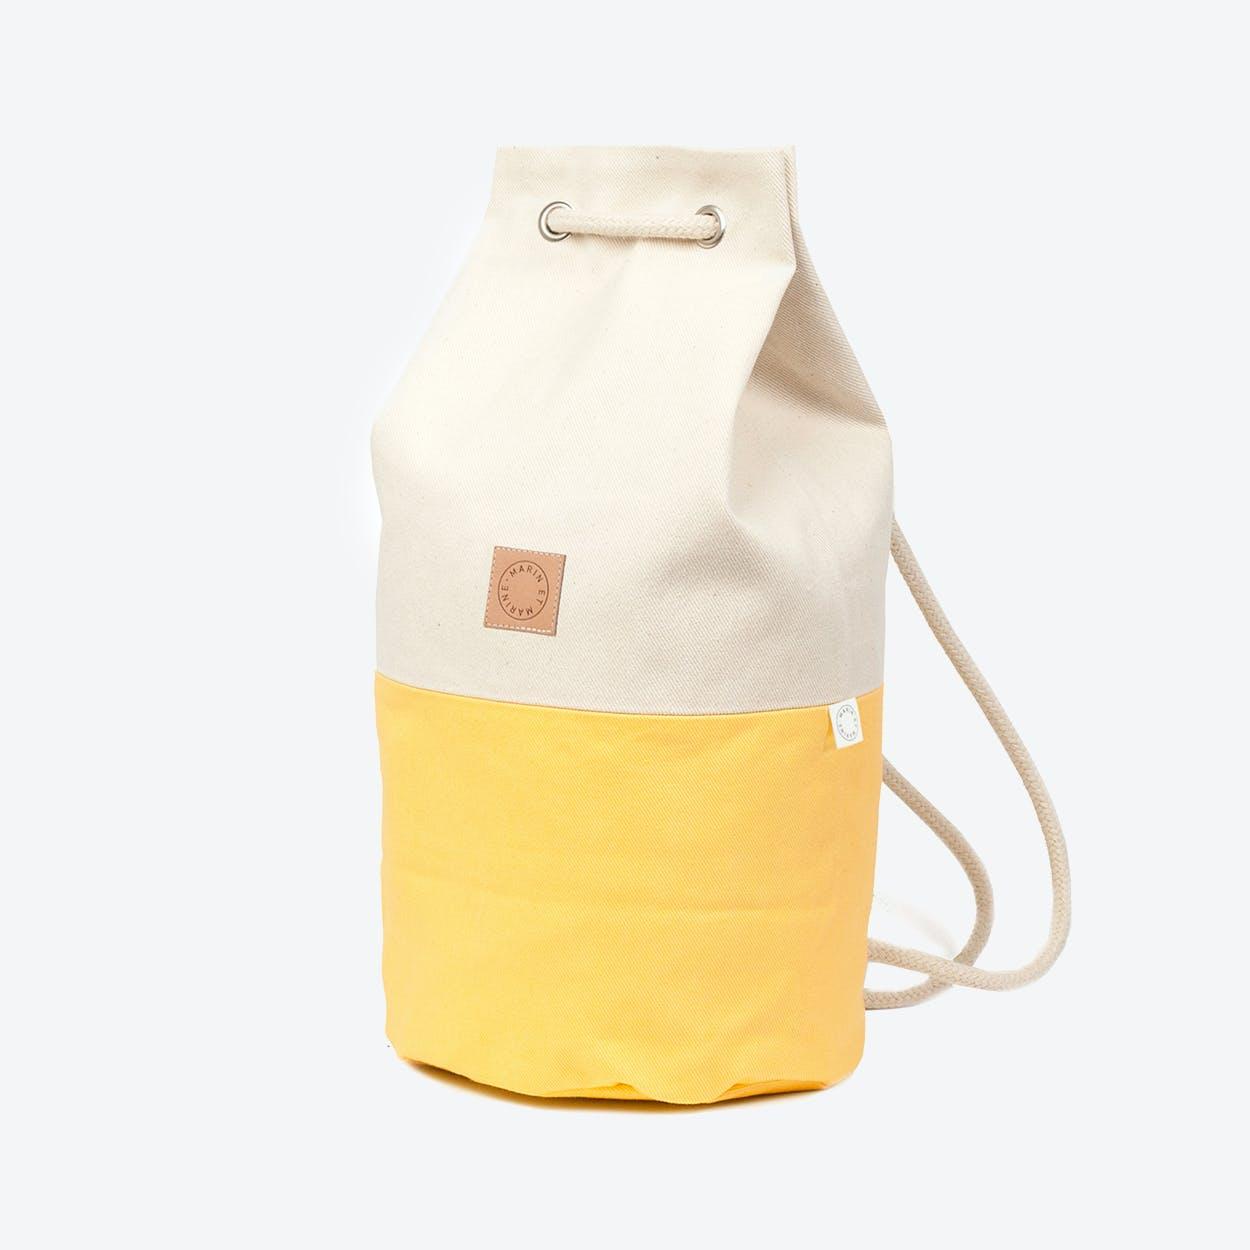 Sac Marin Citron in Yellow